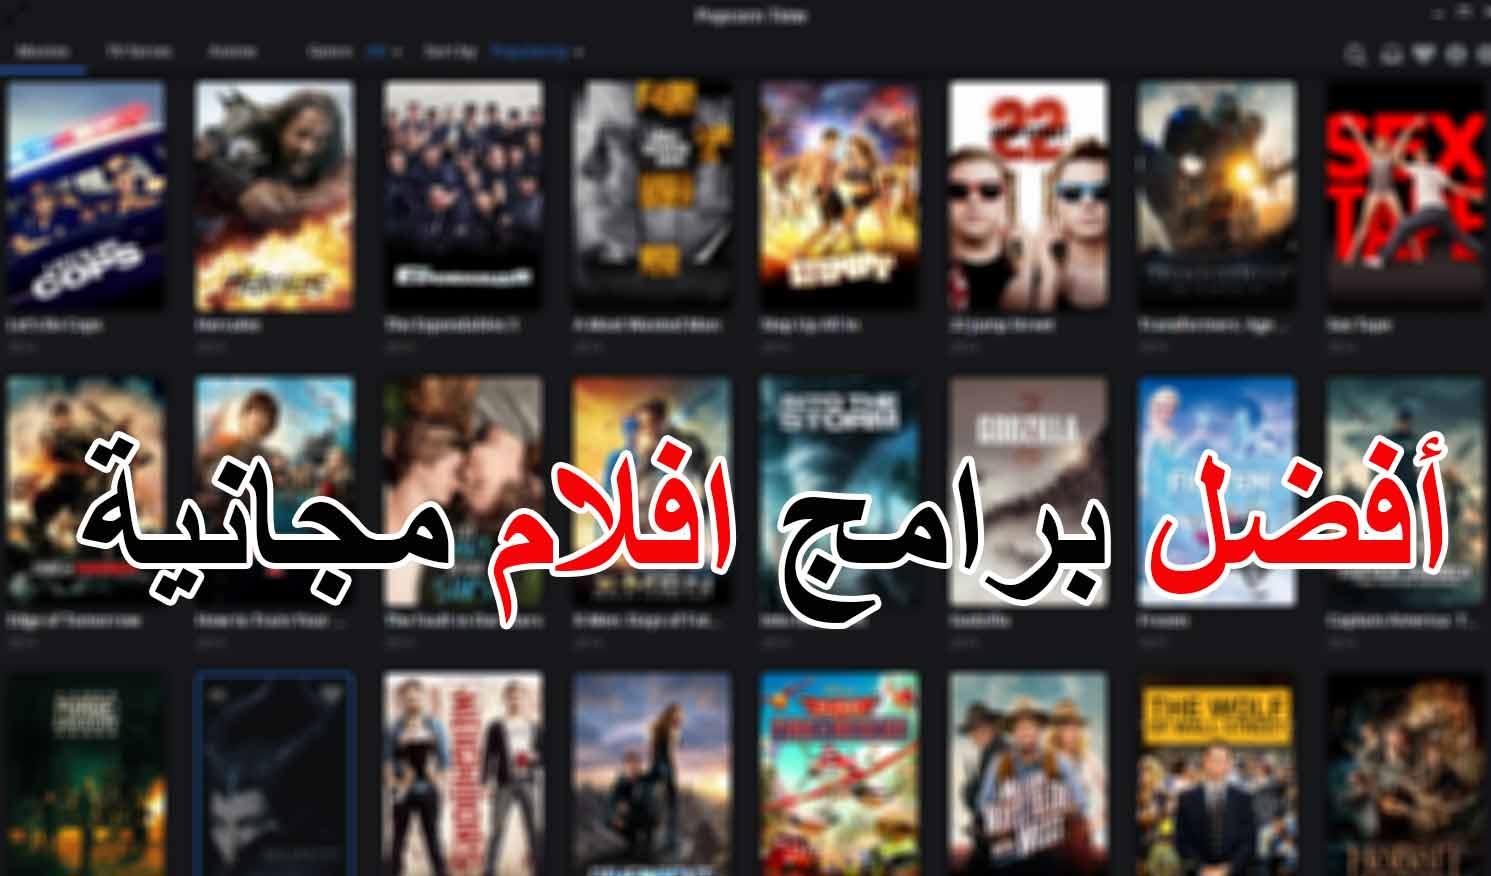 برامج افلام مجانية افضل 4 مواقع لمشاهدة الافلام والمسلسلات مجانا